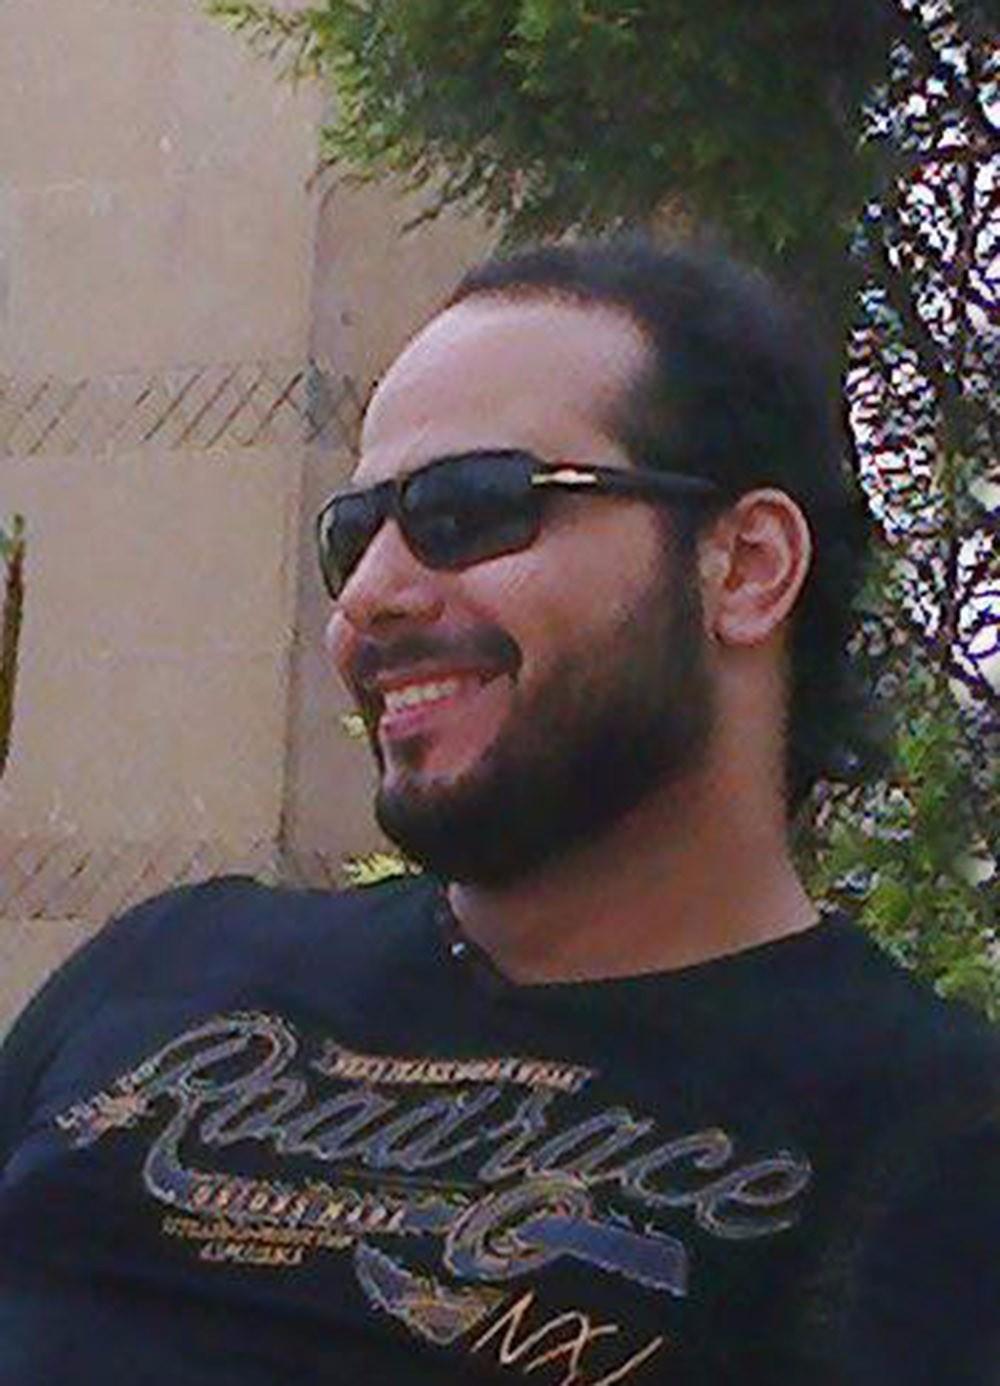 Mohamed Elshenawy